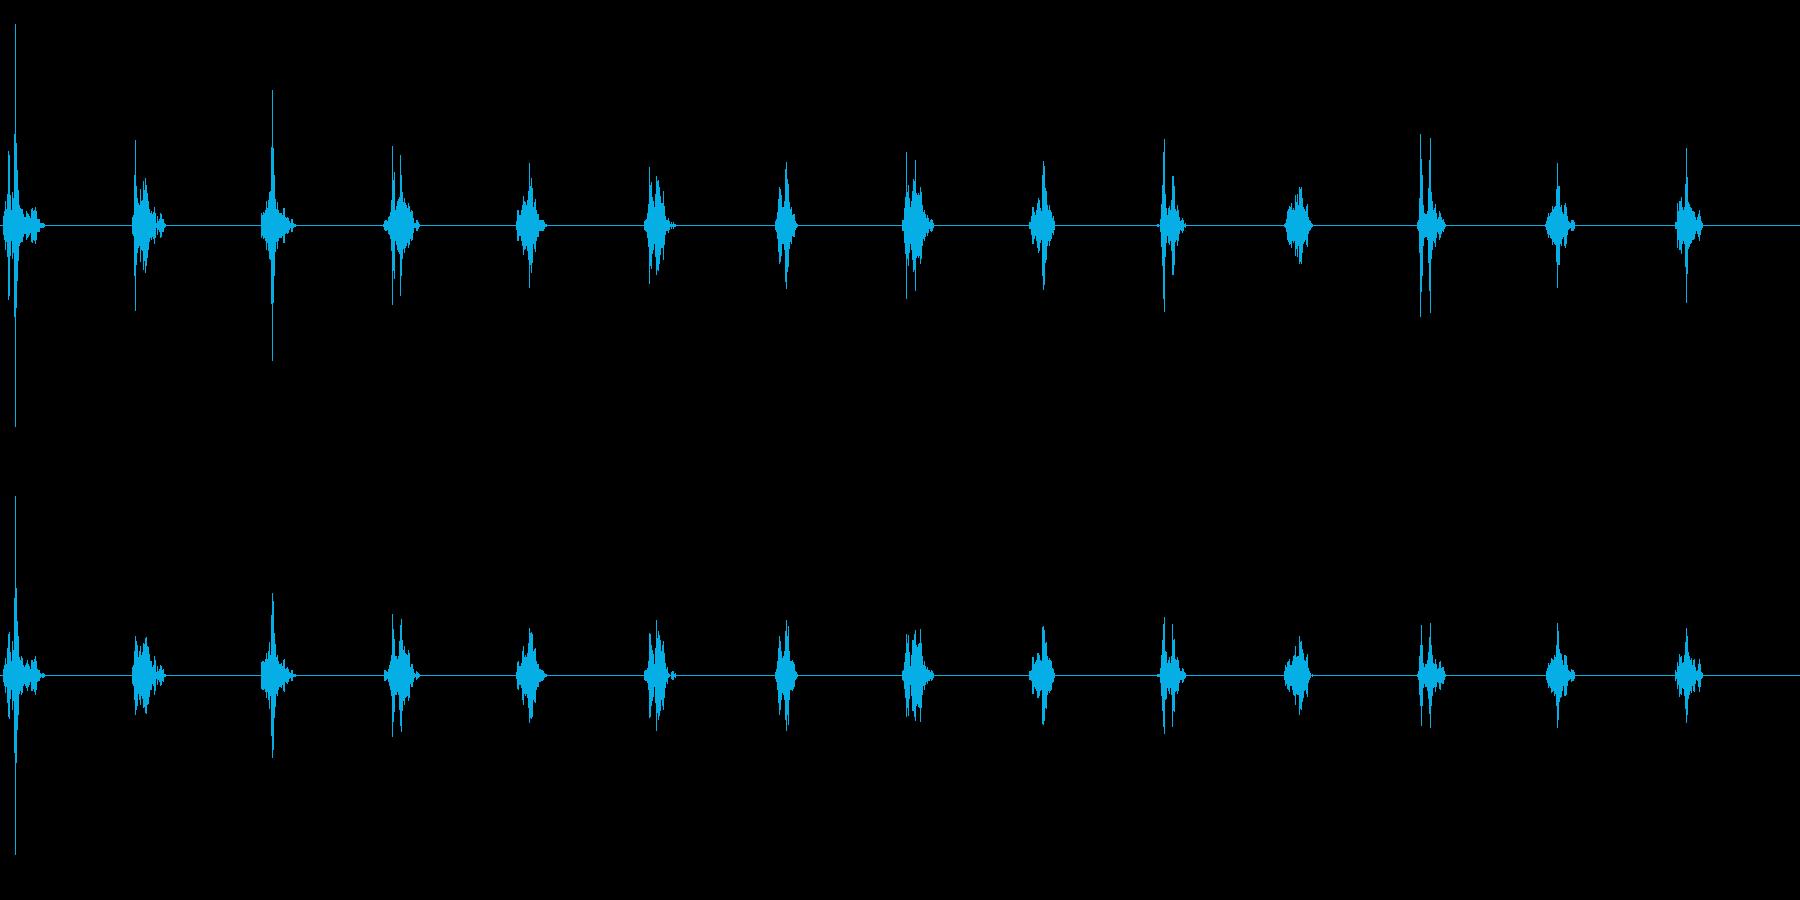 時計の針がカチカチ(木製時計)の再生済みの波形